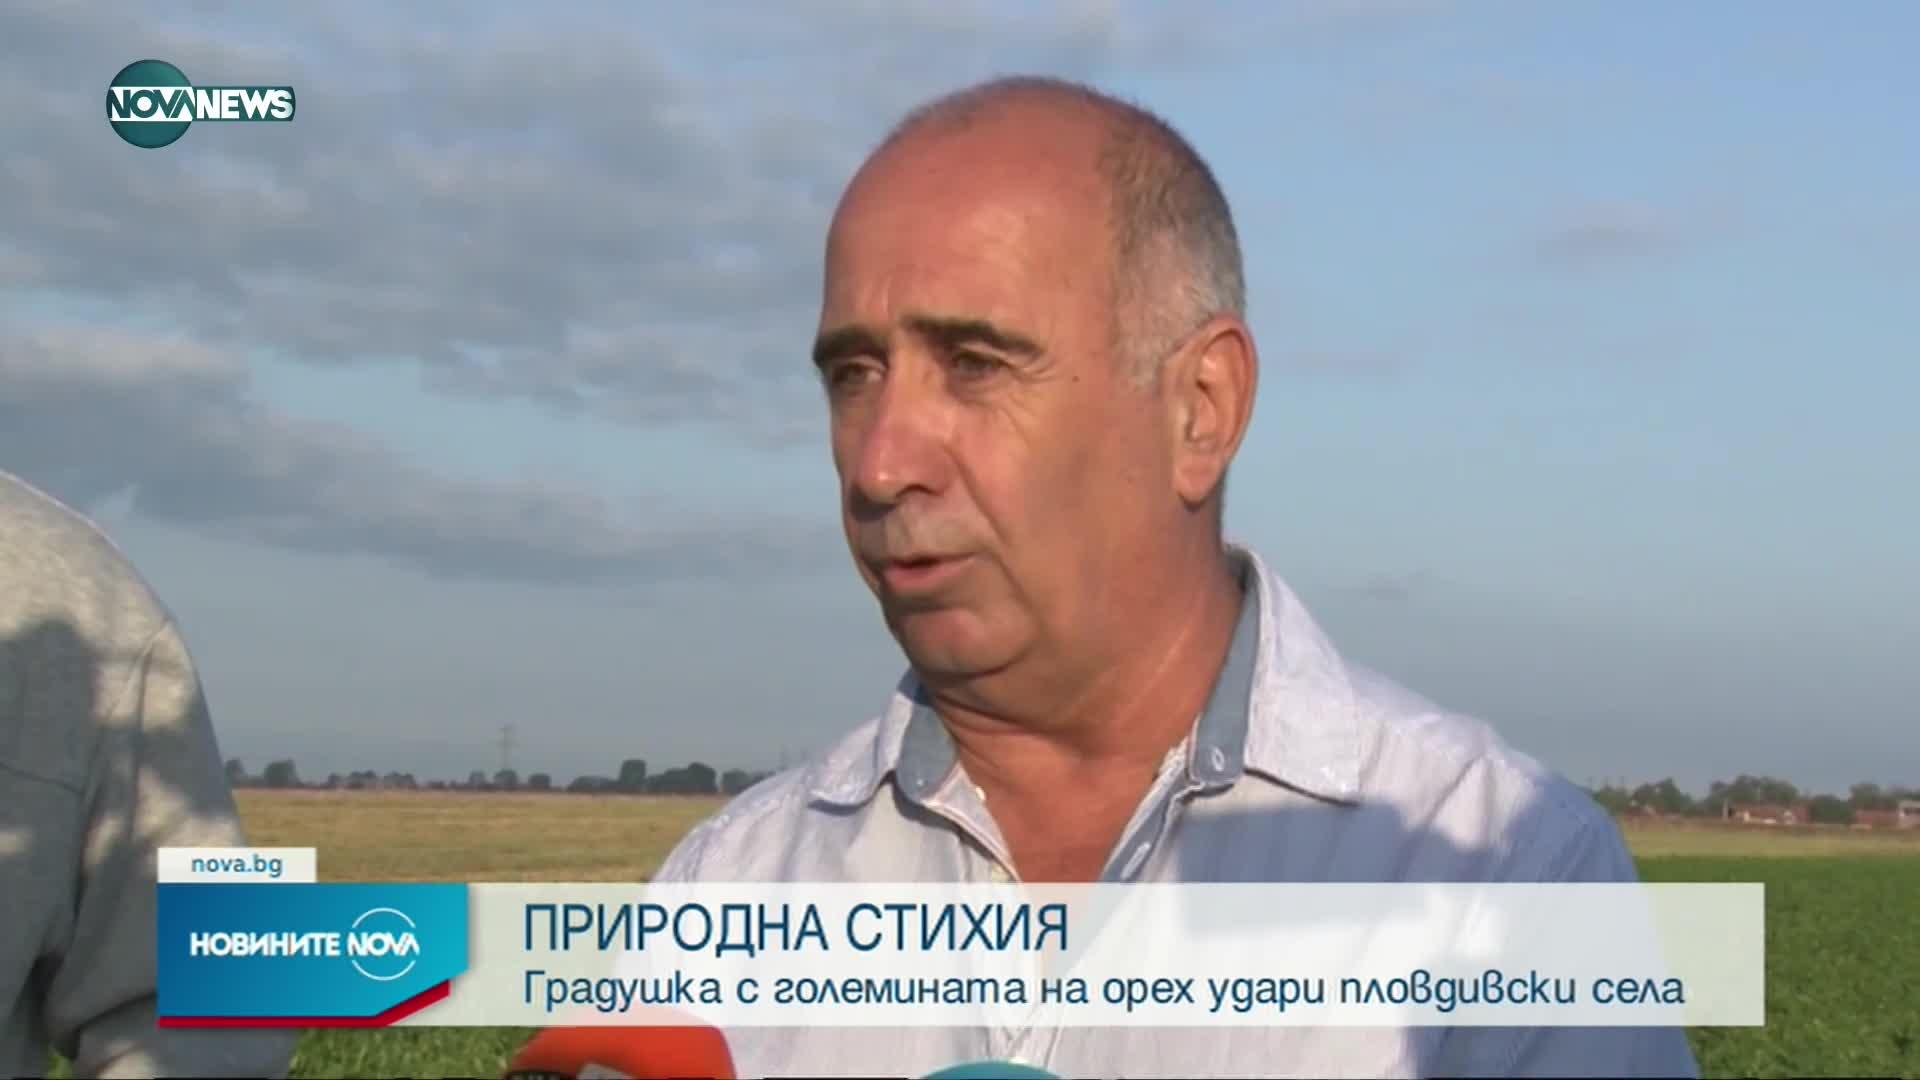 Опустошителна градушка в Пловдивско, земеделци искат обезщетения